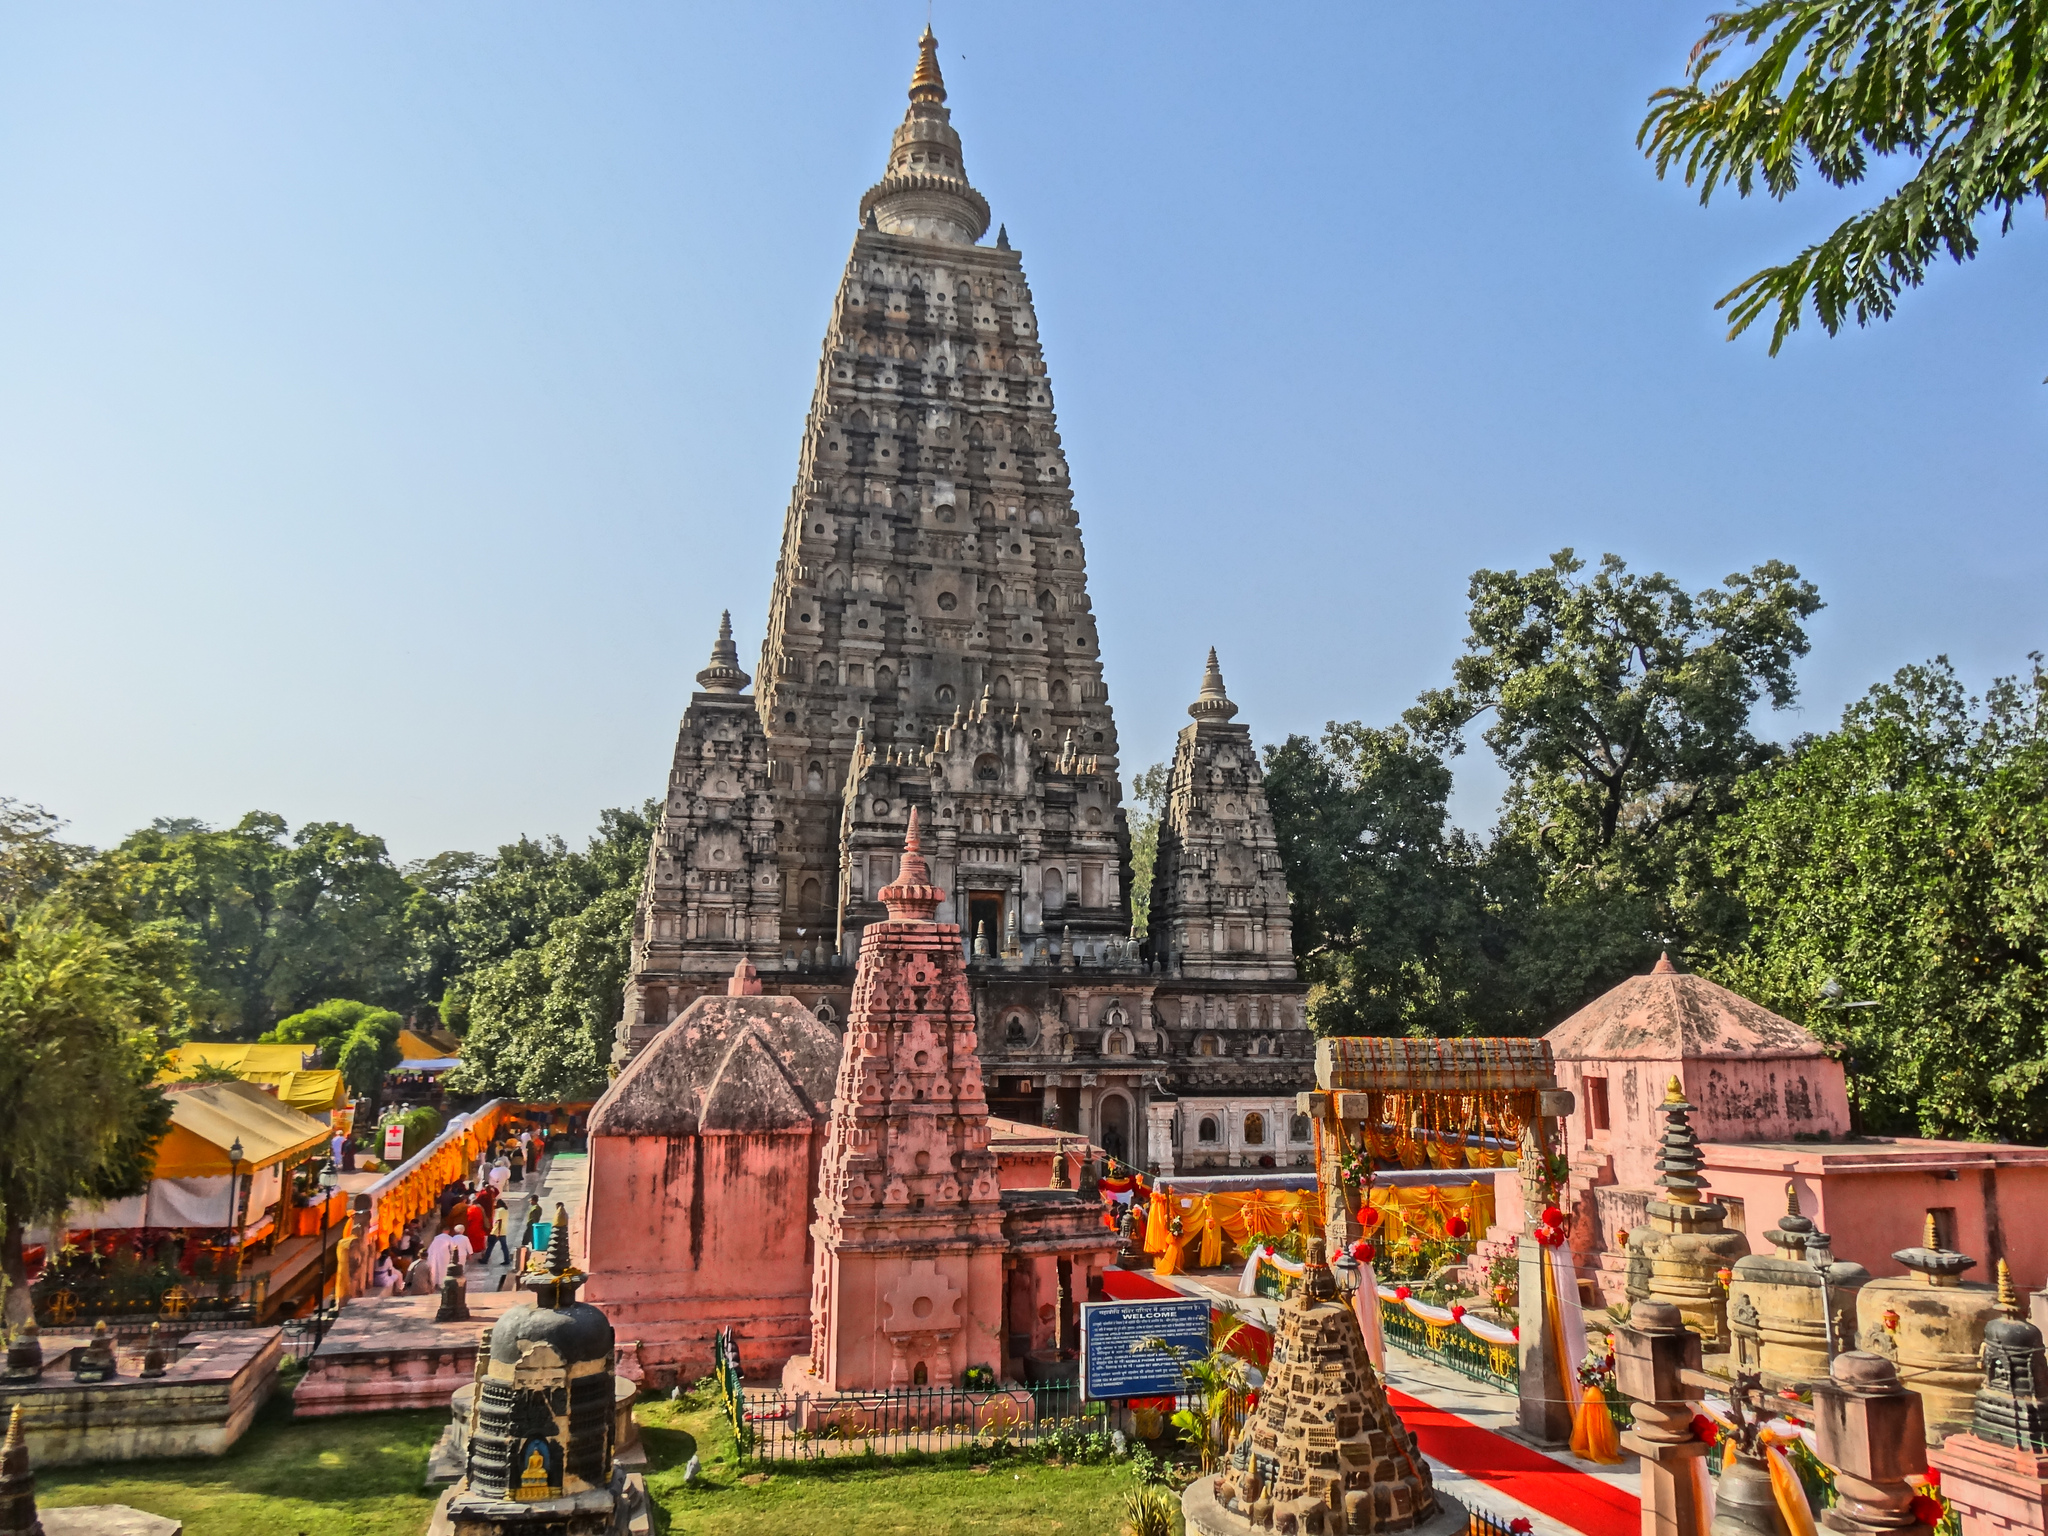 Храм Махабодхи в индийском штате Бихар